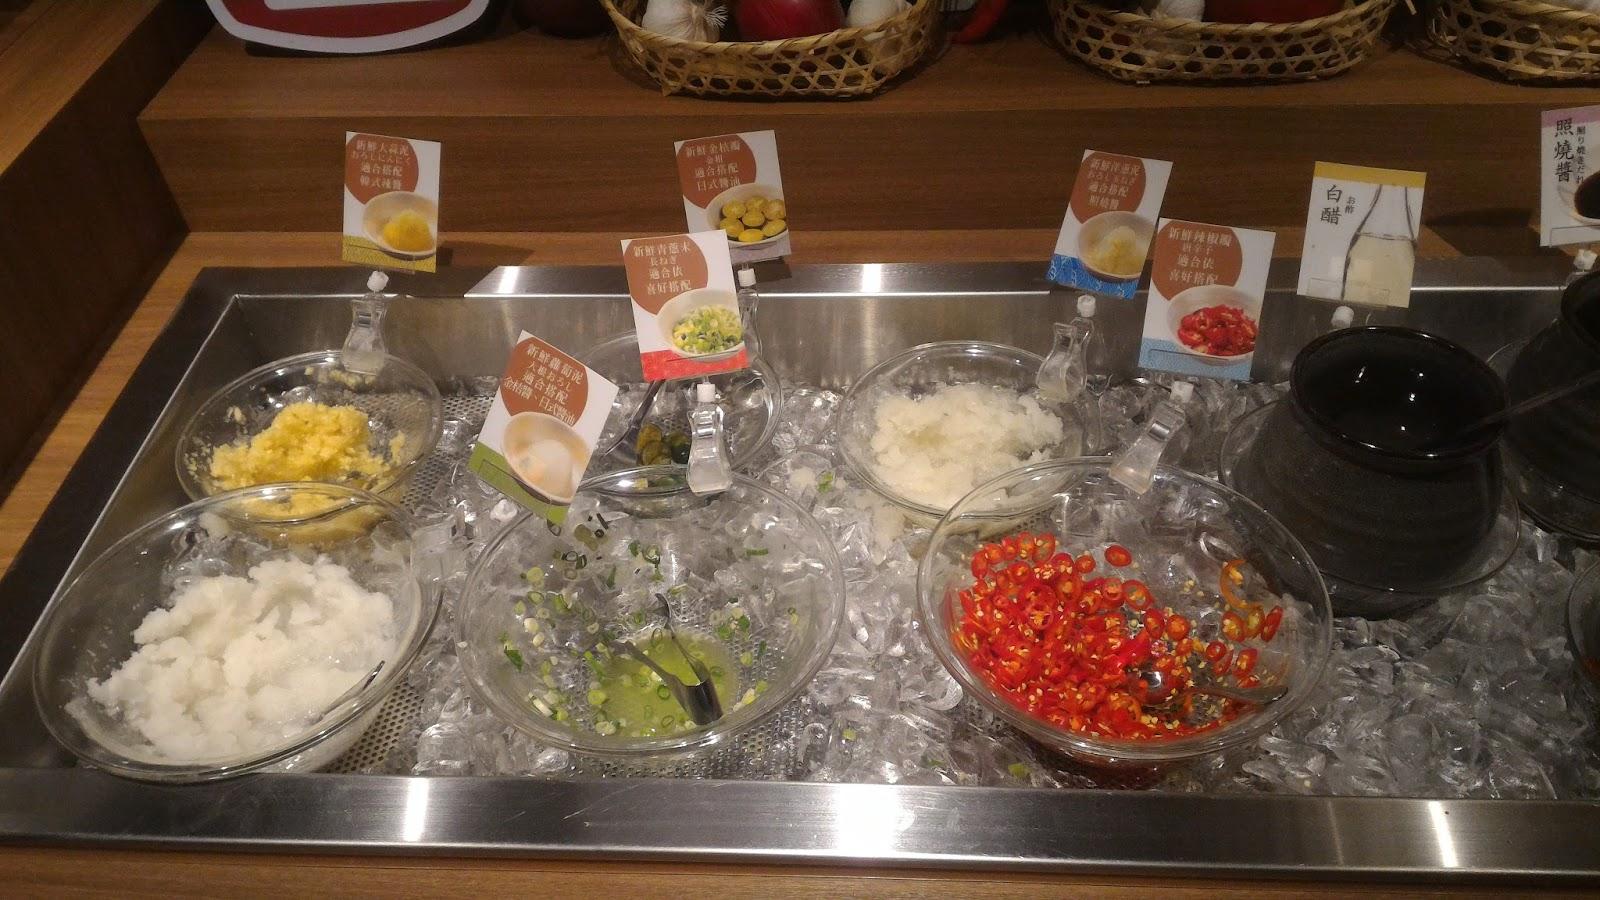 P 20161016 195221 - 【台南東區】涮乃葉吃到飽日式涮涮鍋 - 新鮮蔬菜與手工拉麵,還有超濃郁的霜淇淋!